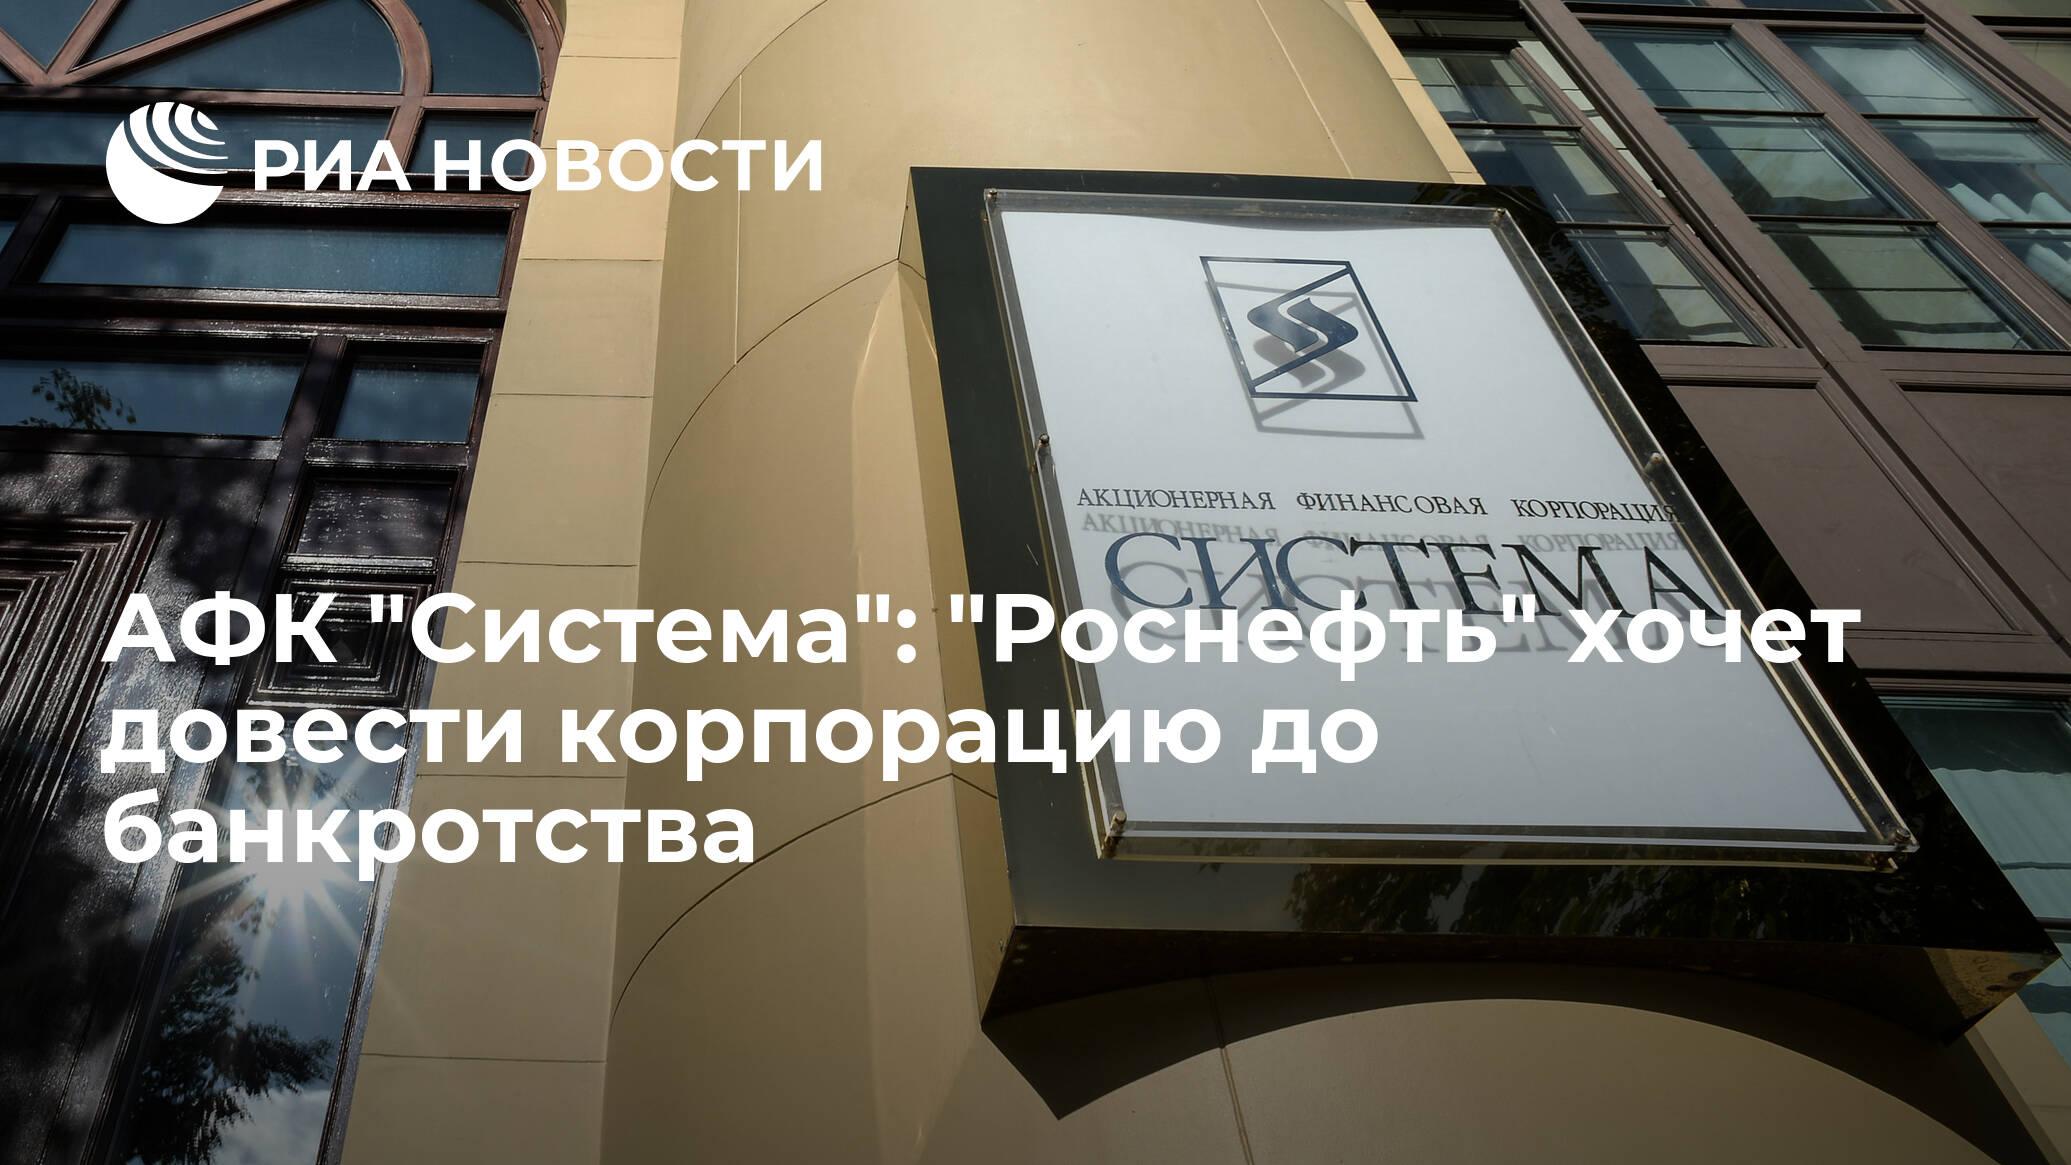 роснефть банкротство 2016